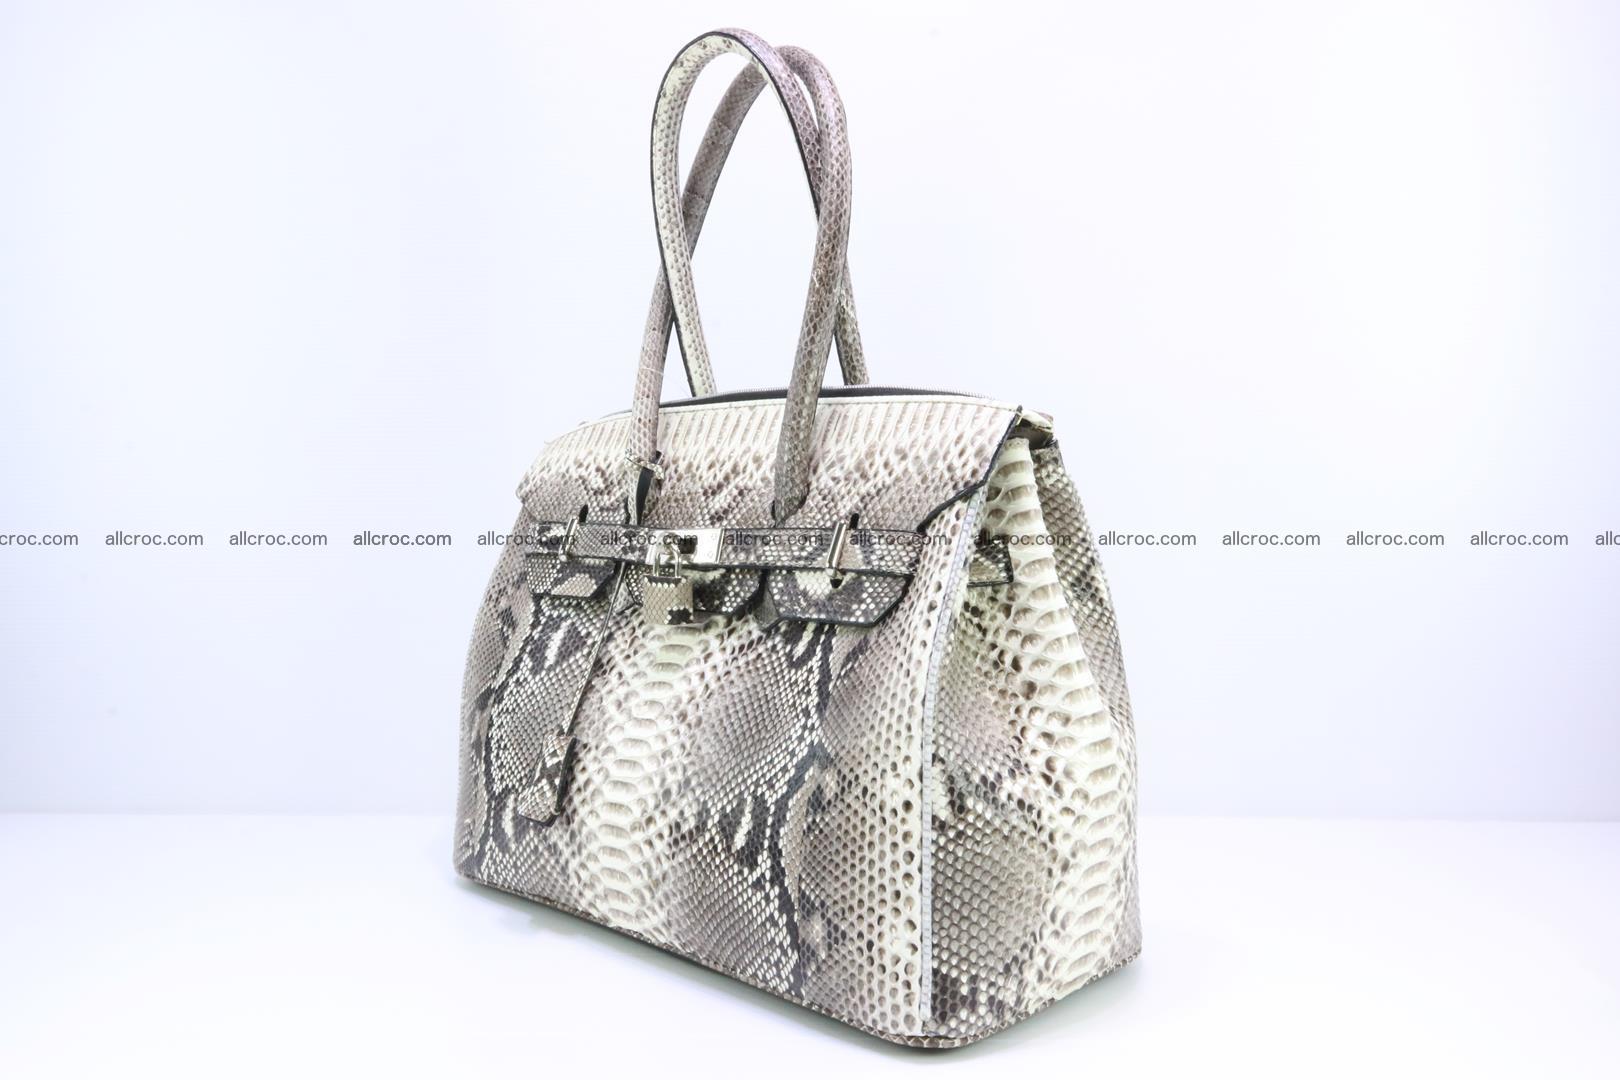 Python skin women's handbag replica of Birkin 199 Foto 2